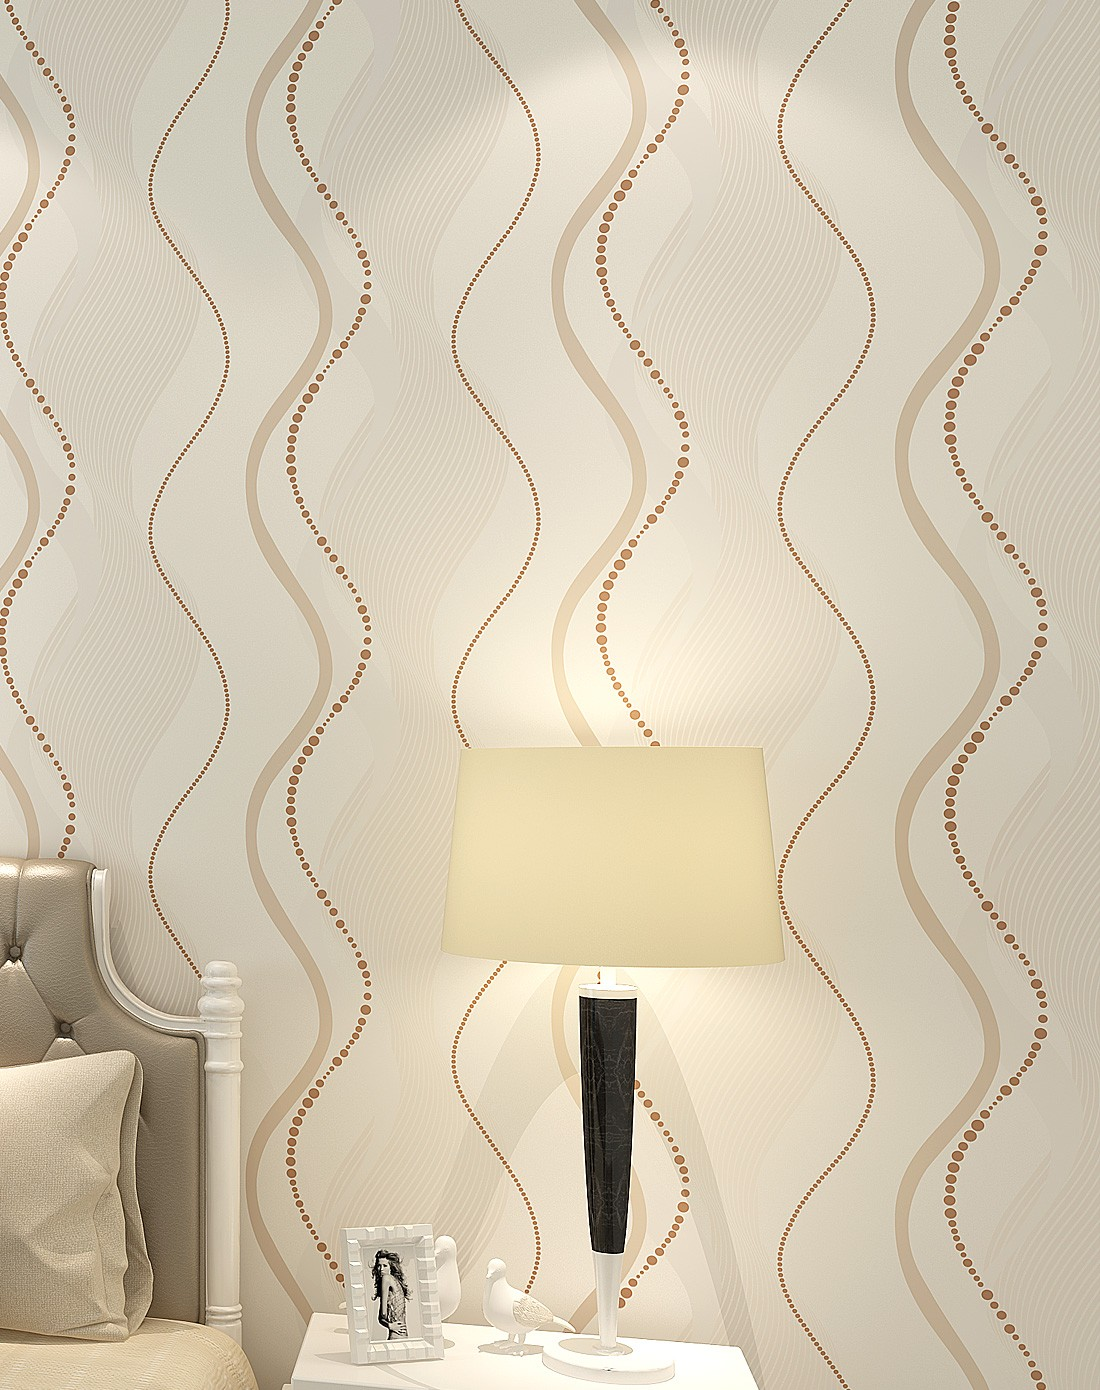 米黄色现代简约时尚条纹客厅卧室背景壁纸